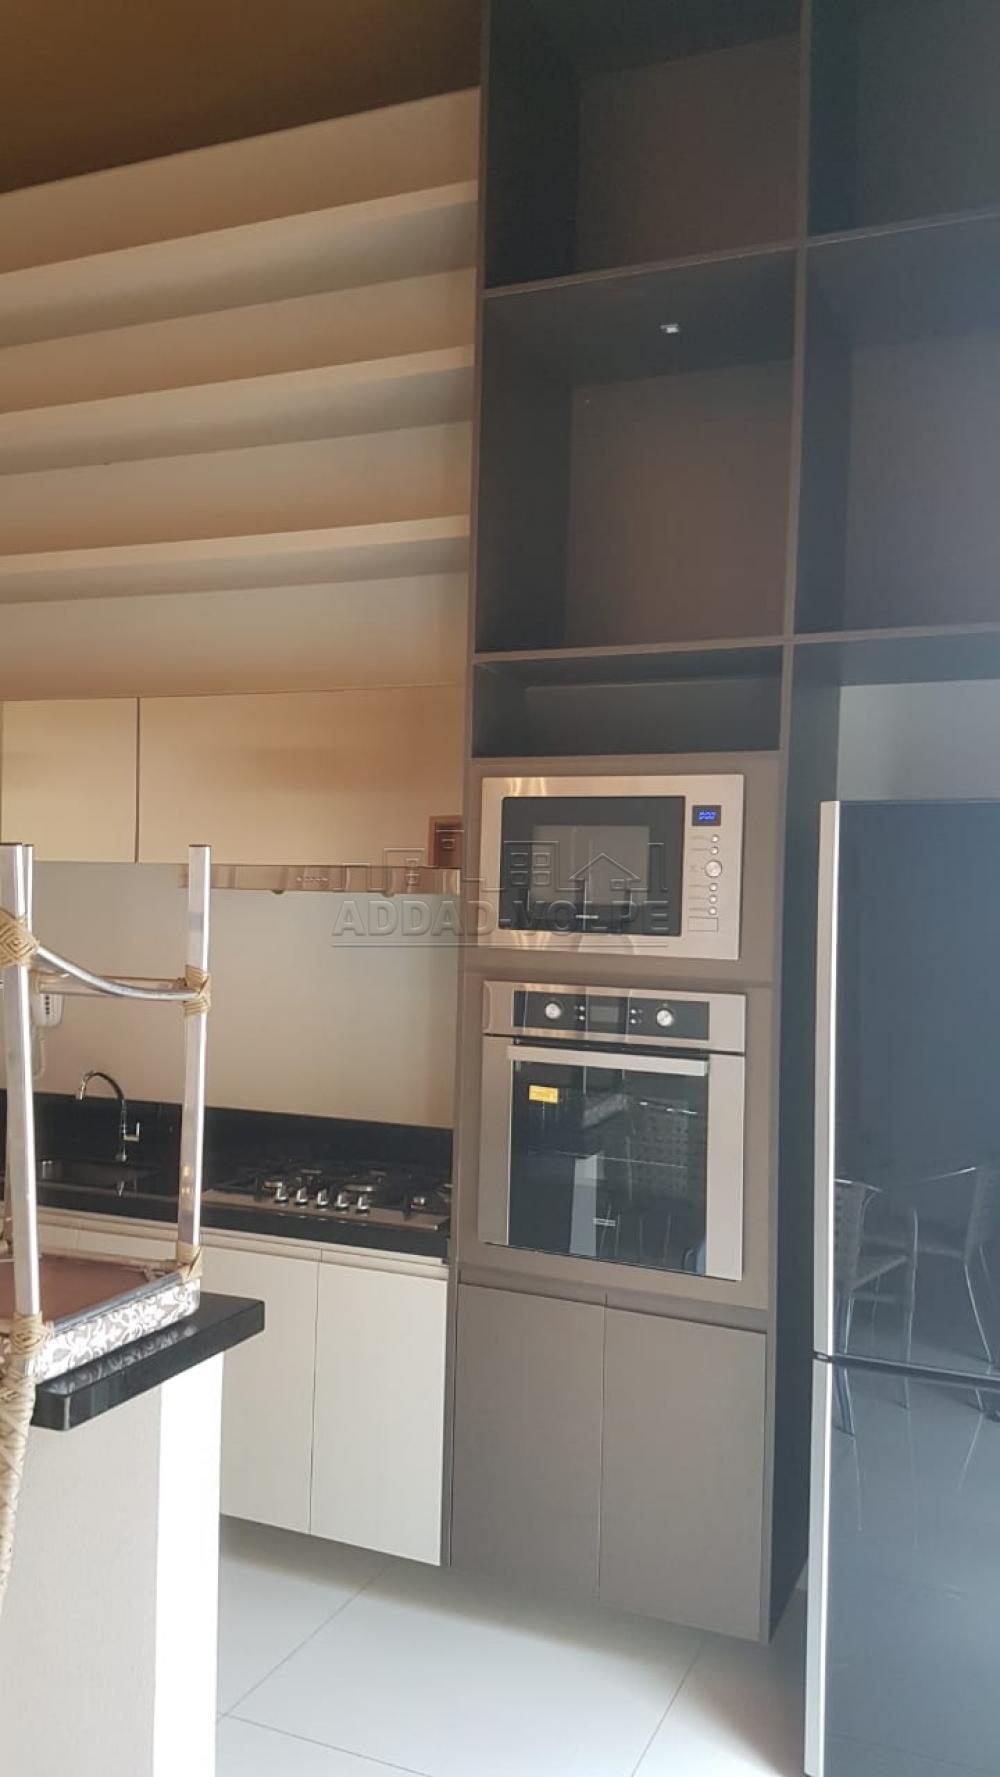 Comprar Apartamento / Padrão em Bauru apenas R$ 520.000,00 - Foto 8